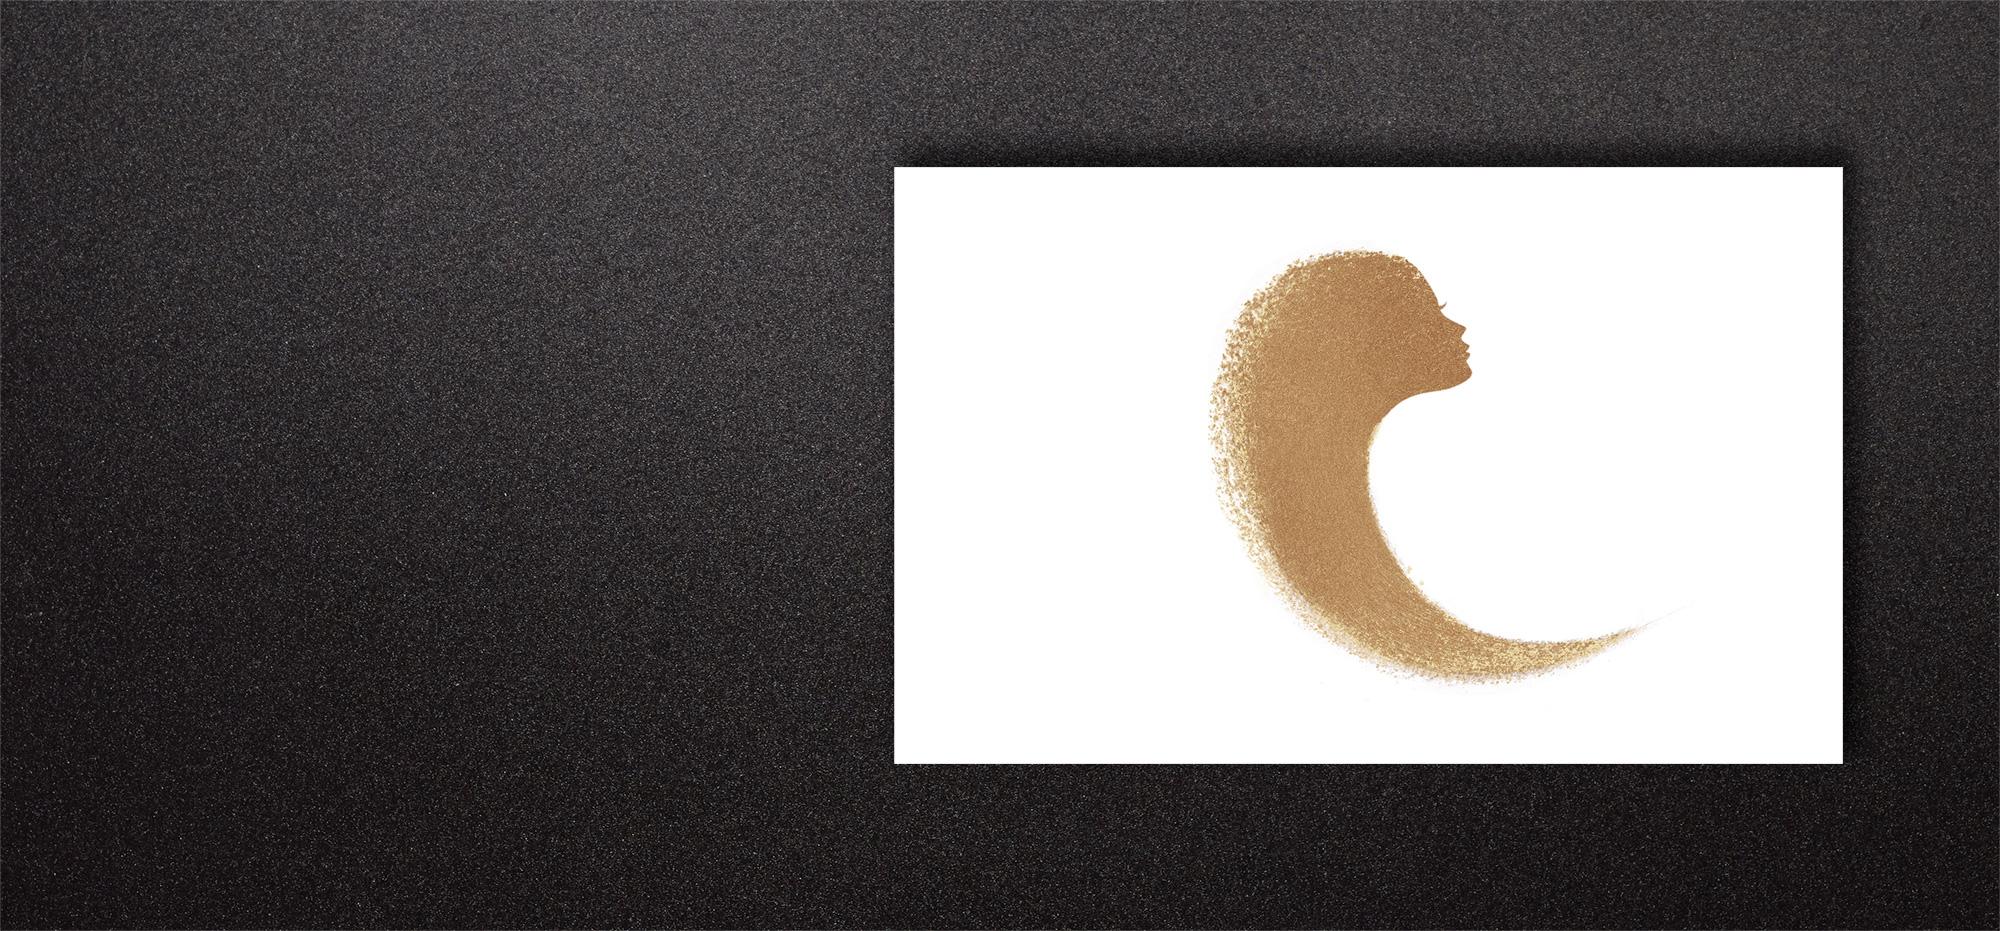 dolce&gabbana-invitation-02C